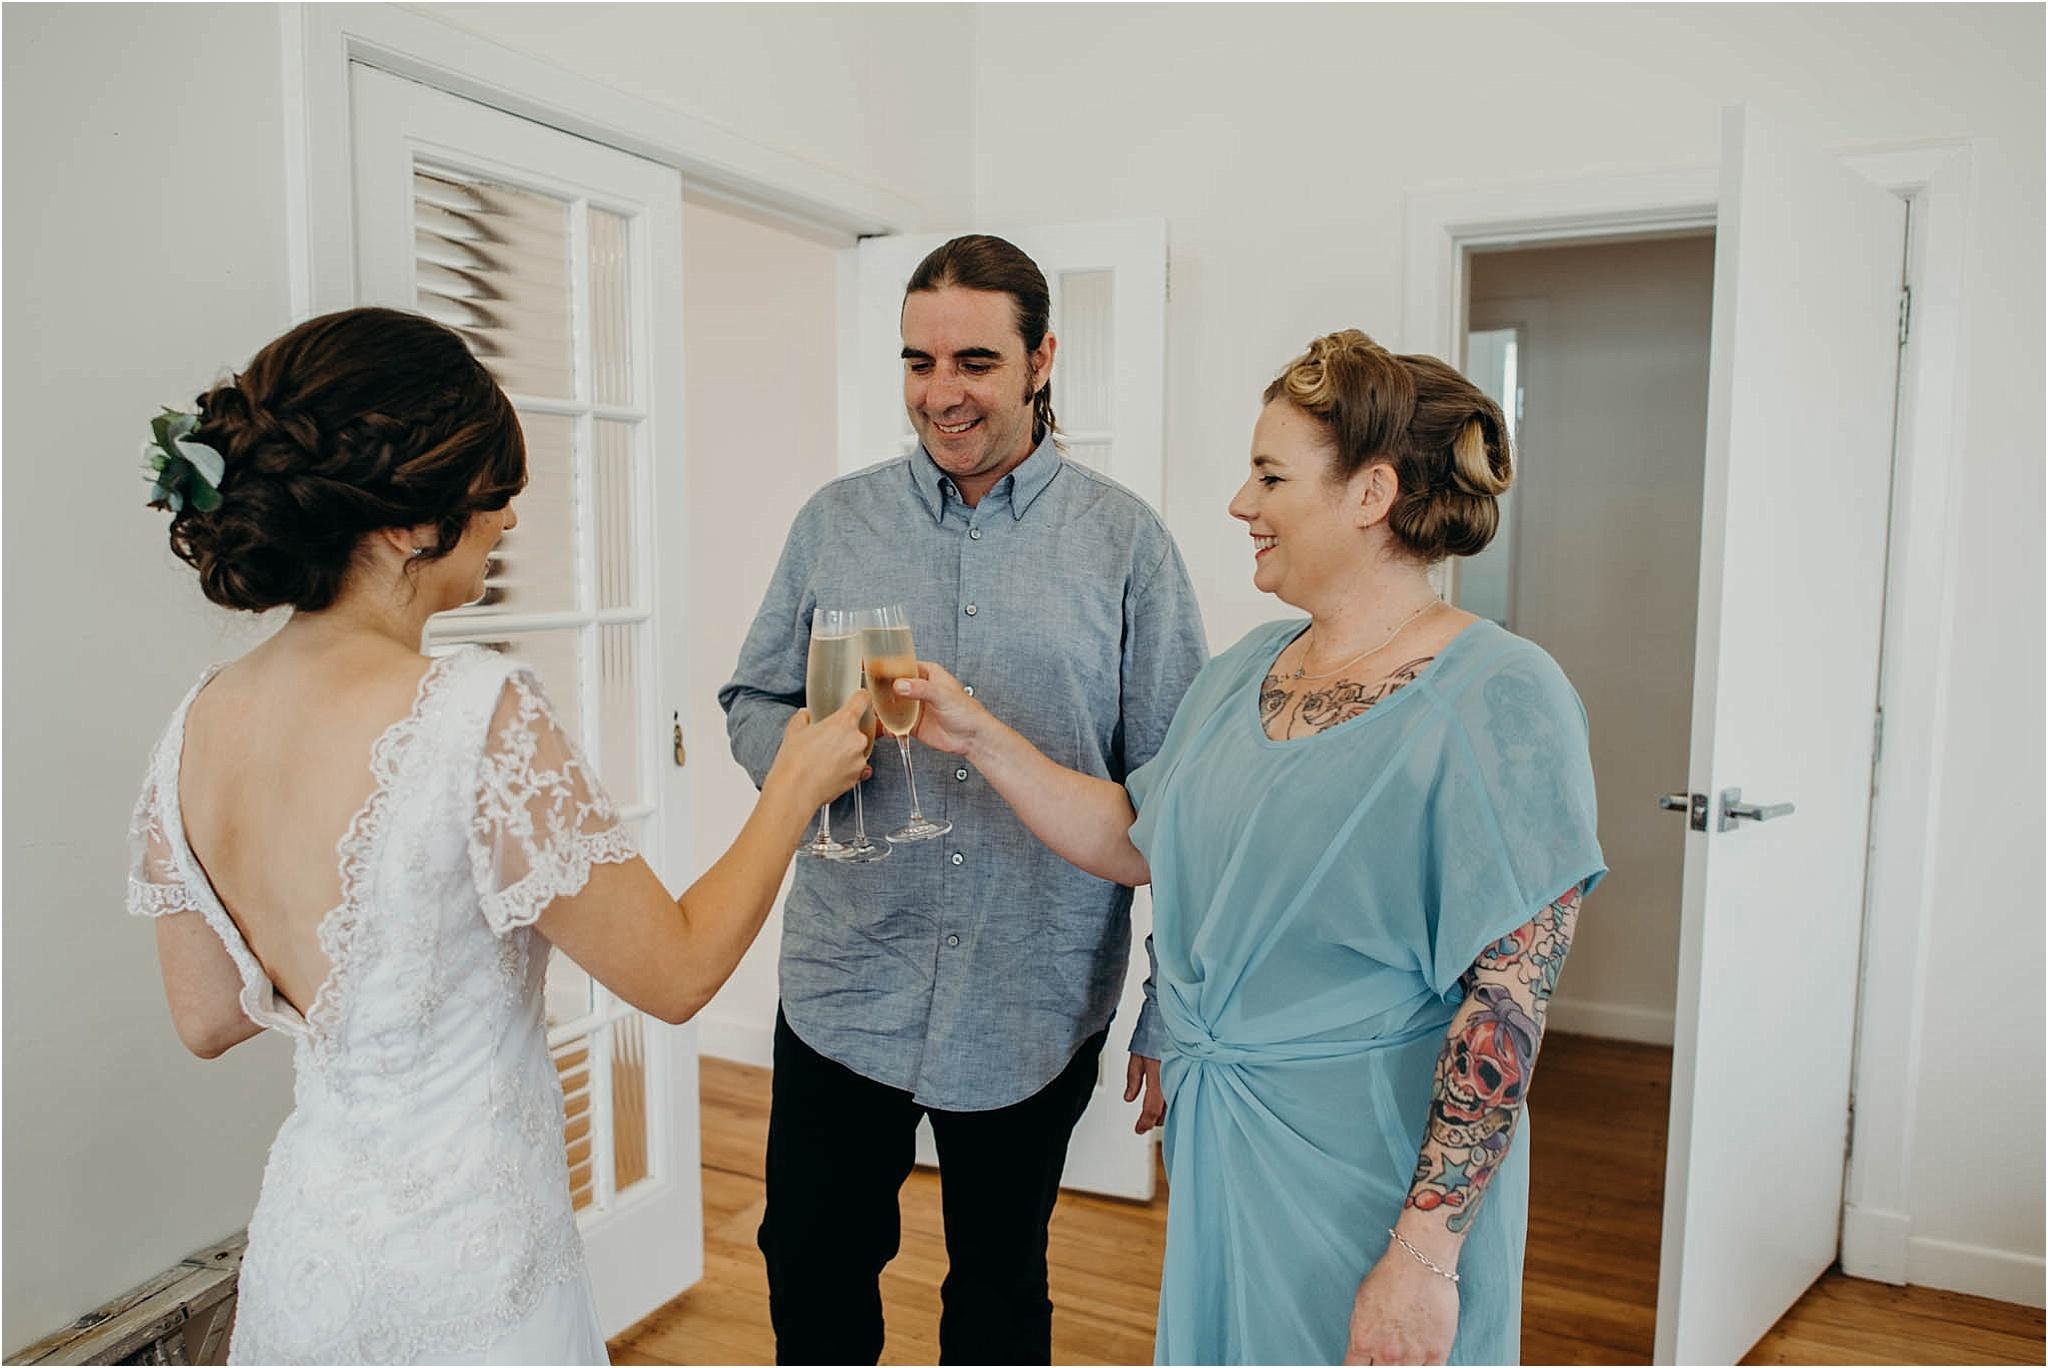 Auckland-Wedding-Photographer-Vanessa-Julian-Officers-Mess-Married_0016.jpg